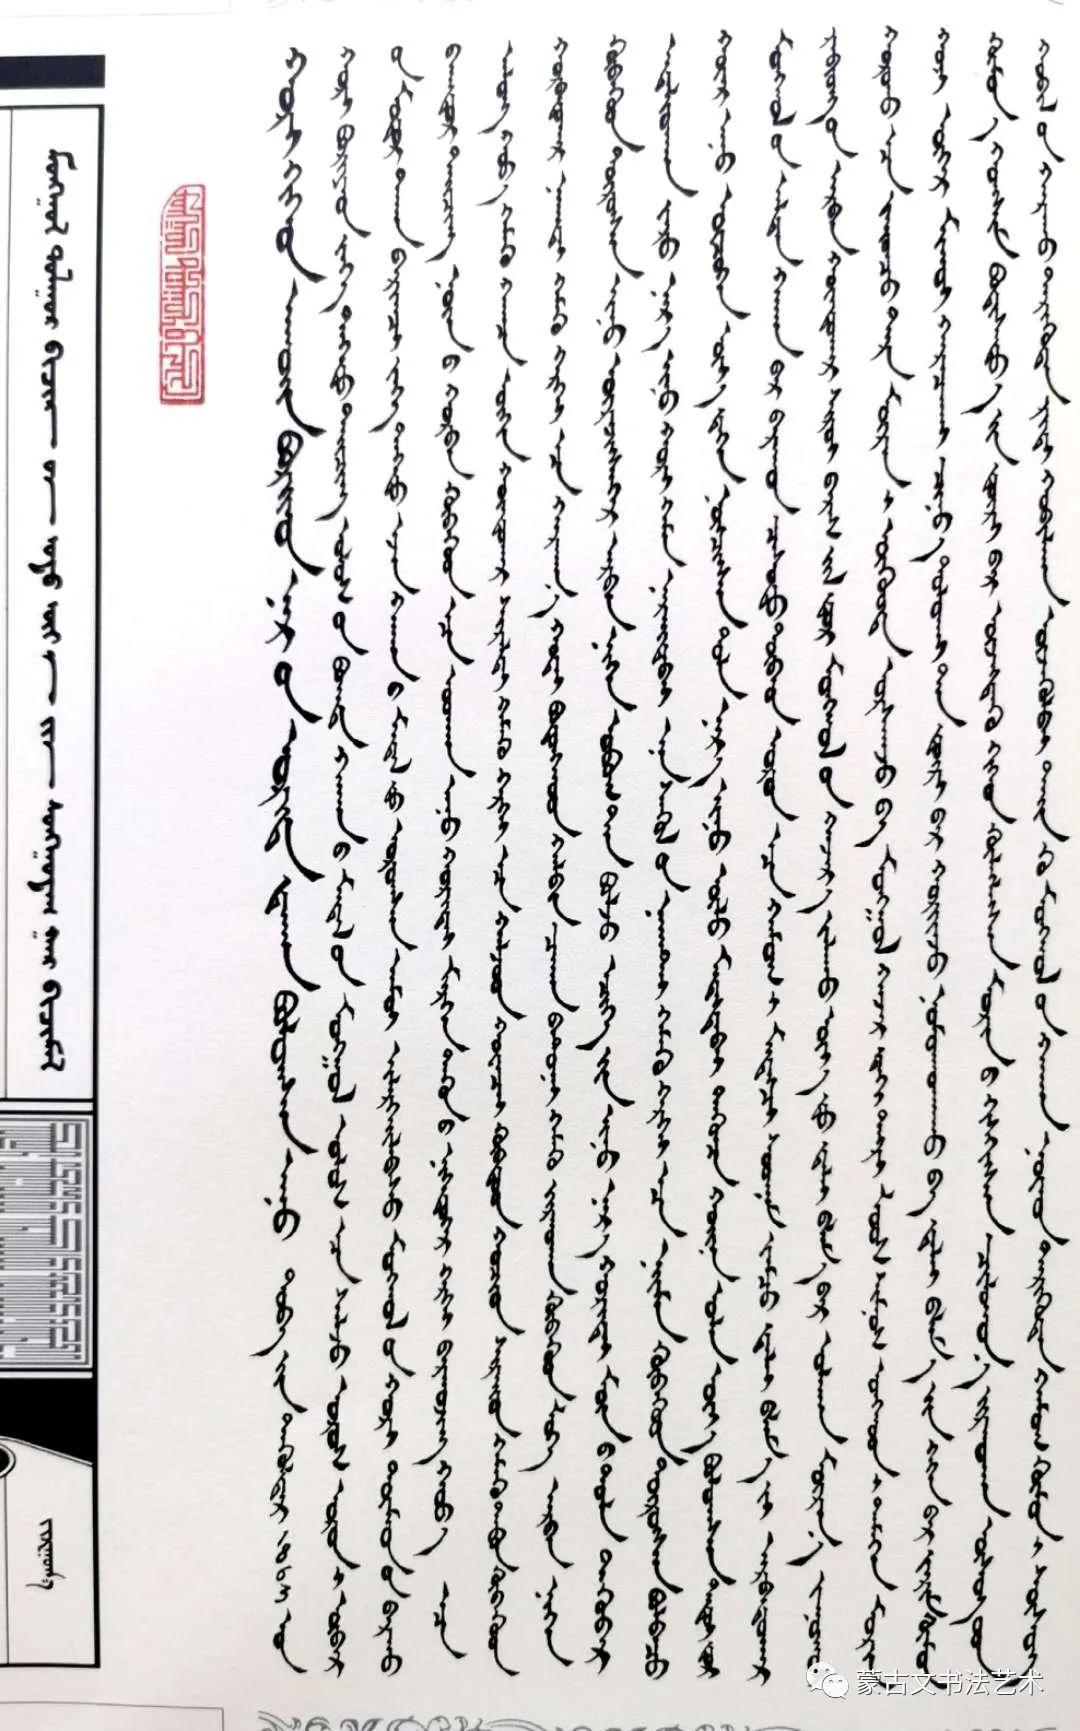 蒙古文经典文献当代书法名家手抄本之斯仁巴图《布里亚特史》 第10张 蒙古文经典文献当代书法名家手抄本之斯仁巴图《布里亚特史》 蒙古书法